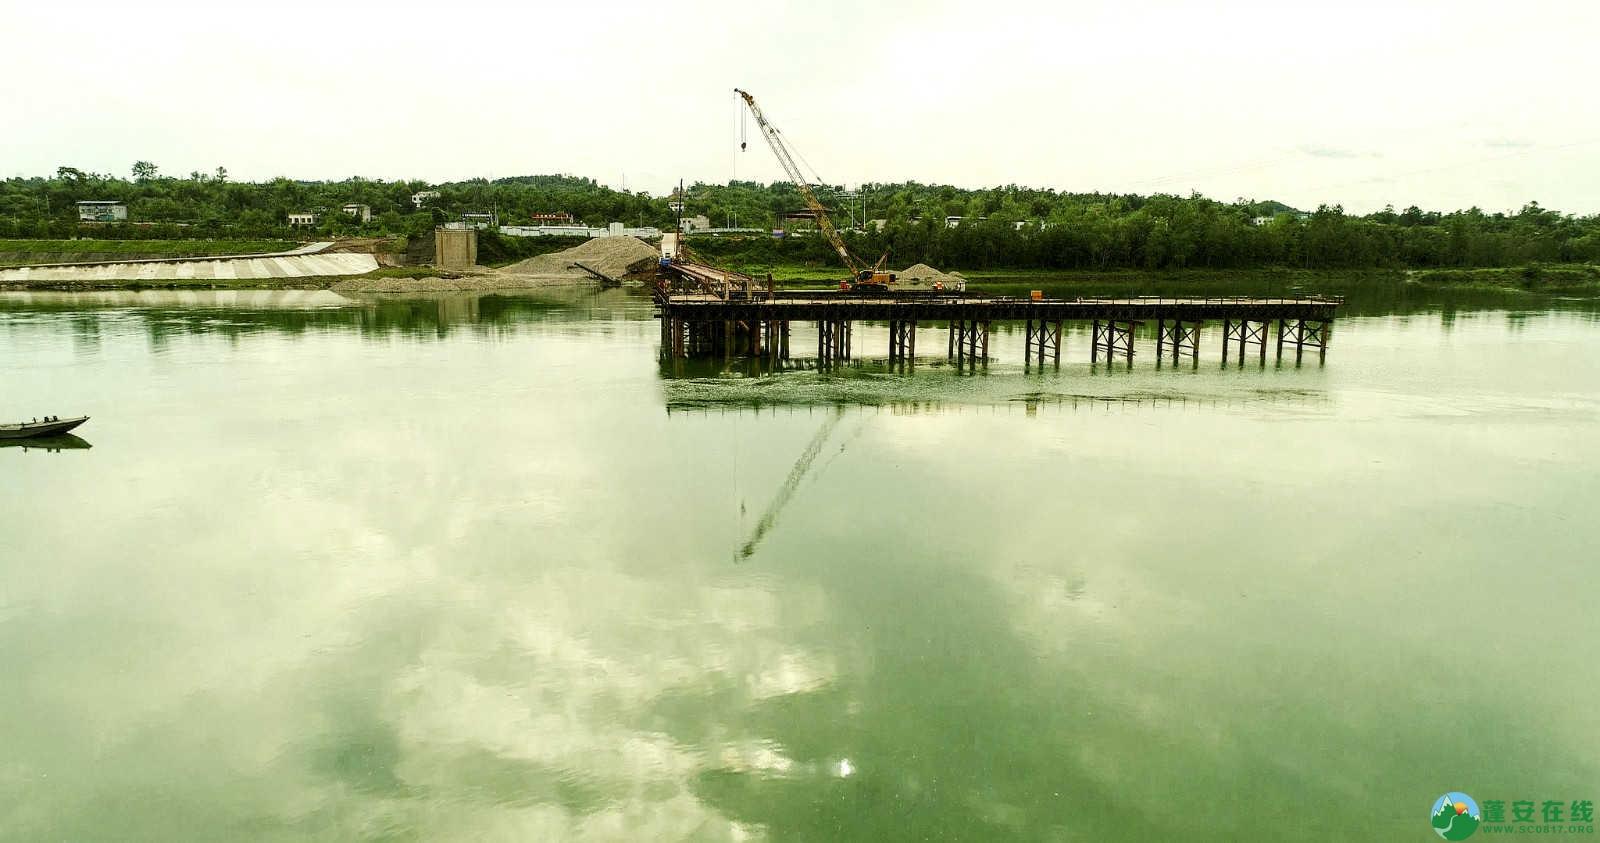 蓬安嘉陵江一桥修建进(2019年5月11日) - 第7张  | 蓬安在线